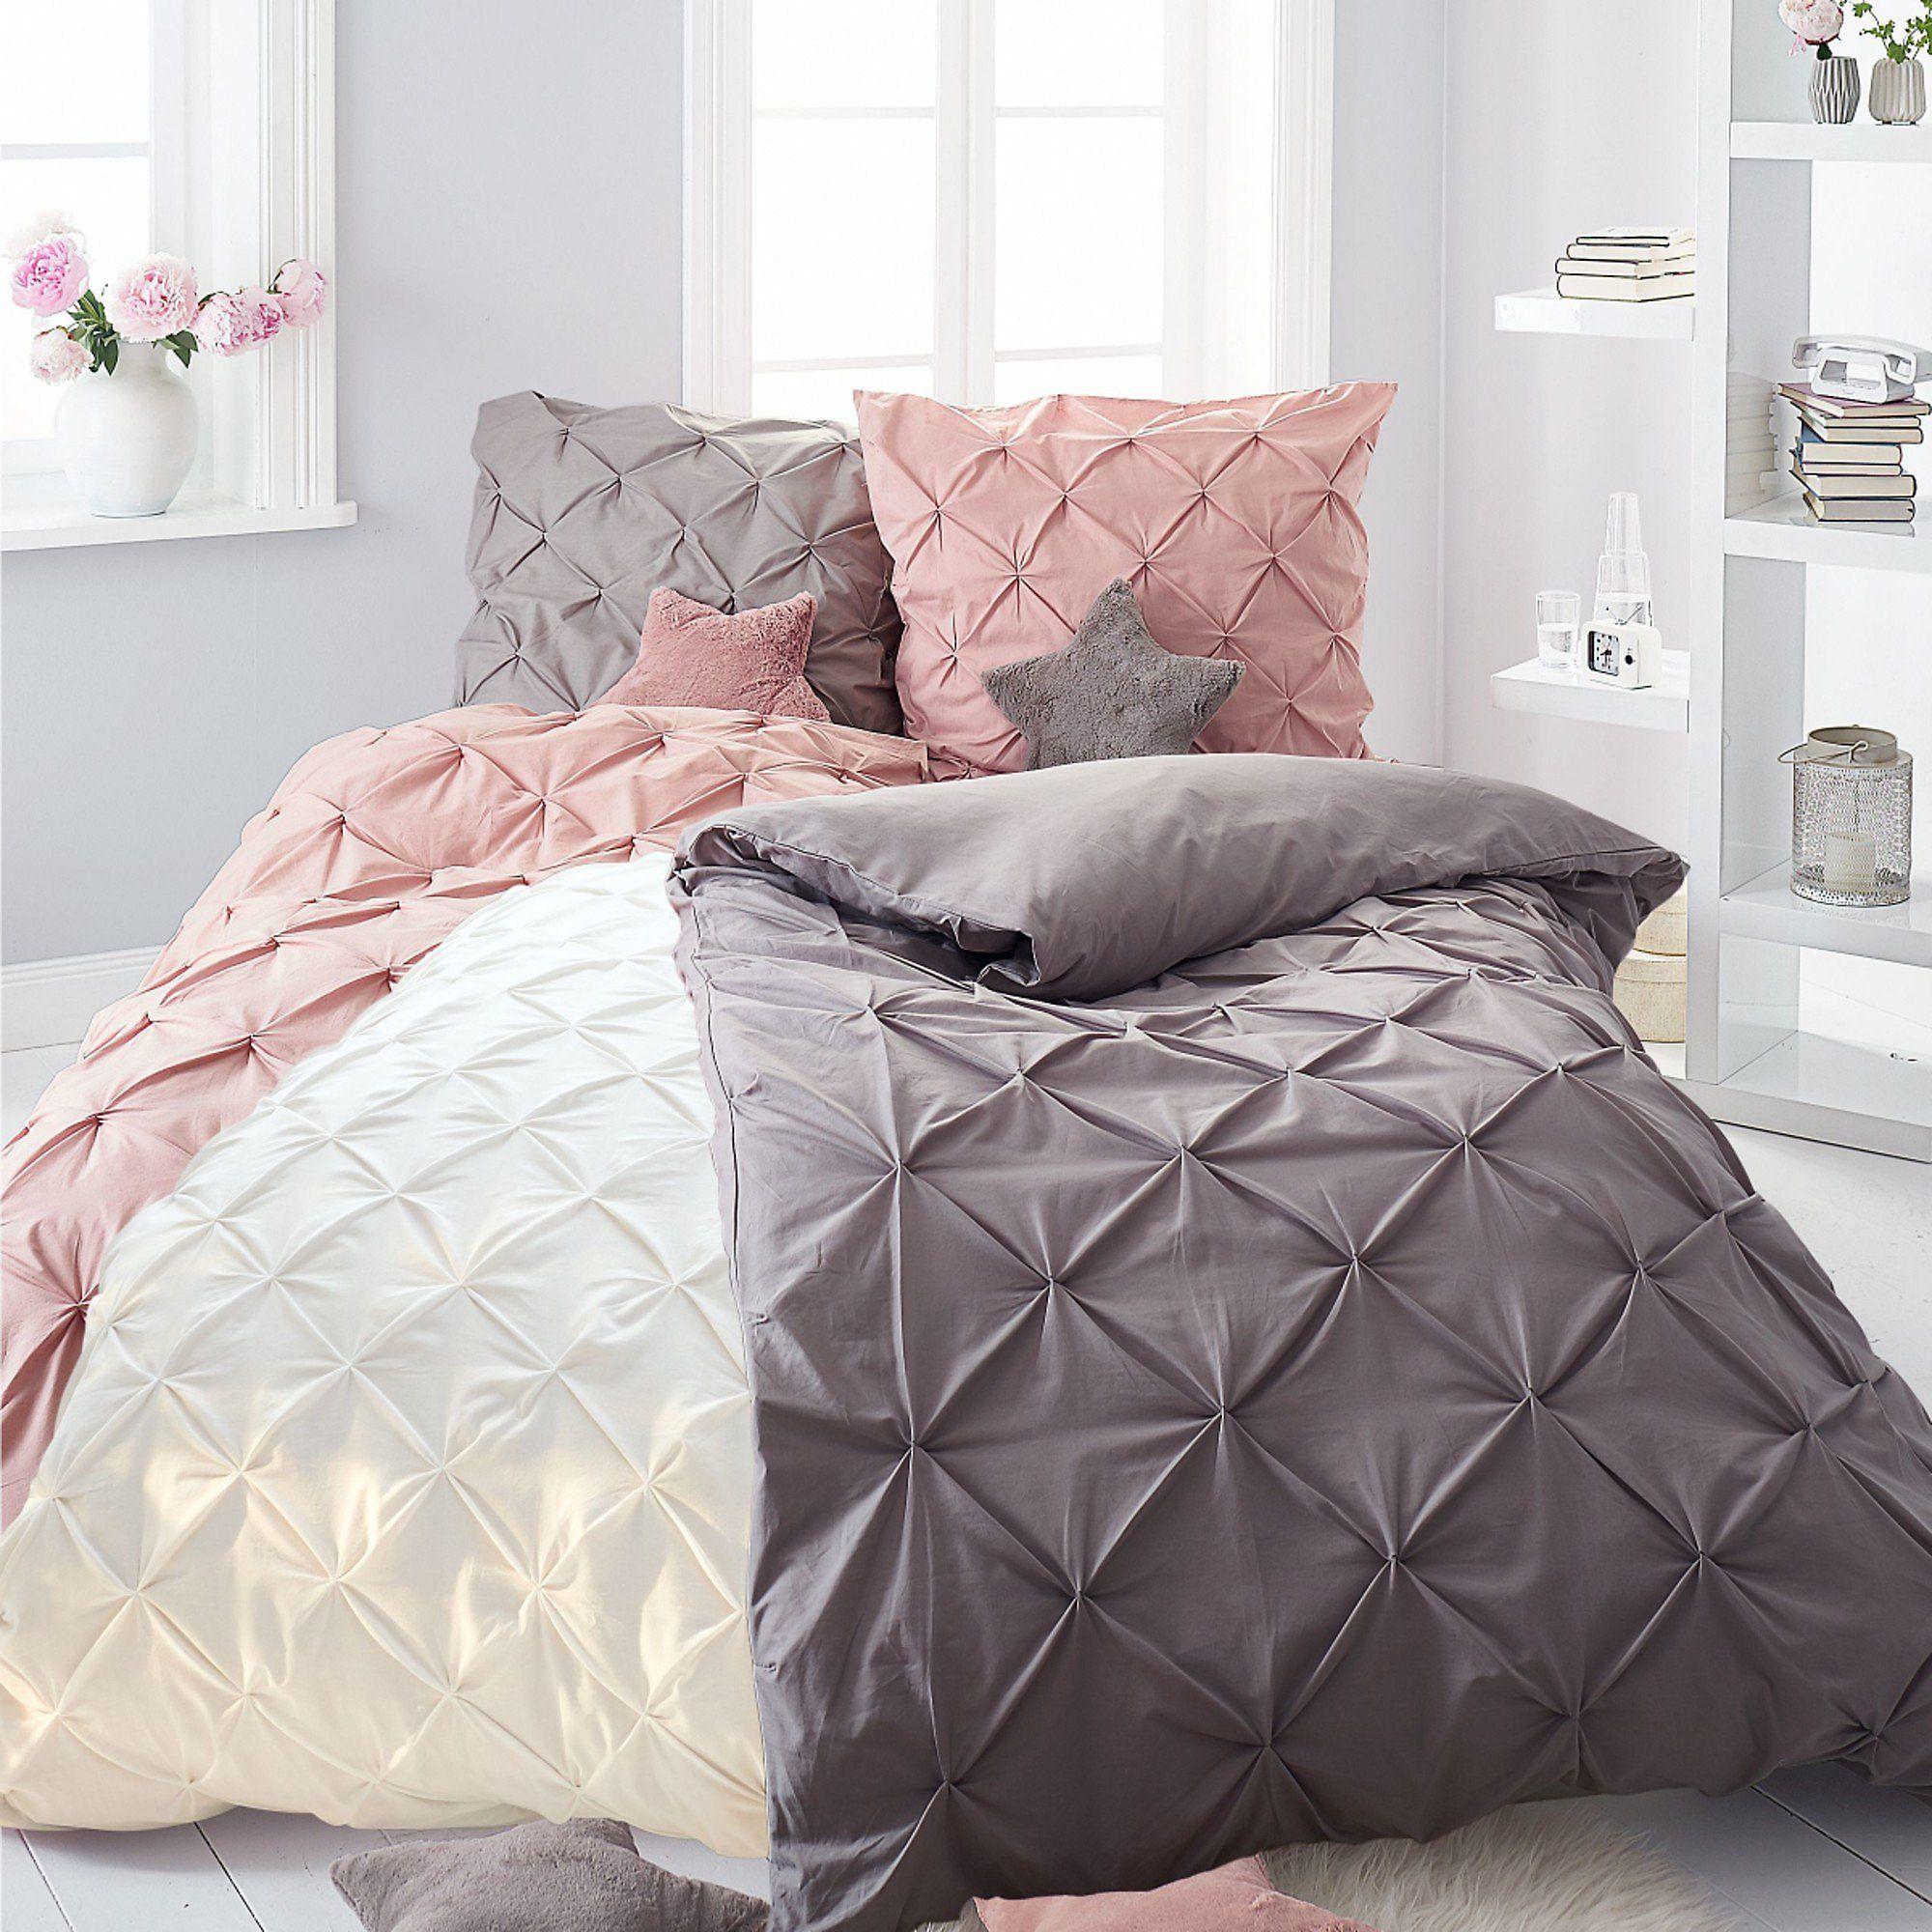 Bettwasche Finja Altrosa 135 X 200 Cm Bestellen Weltbild De Bettwasche Bett Ideen Bett